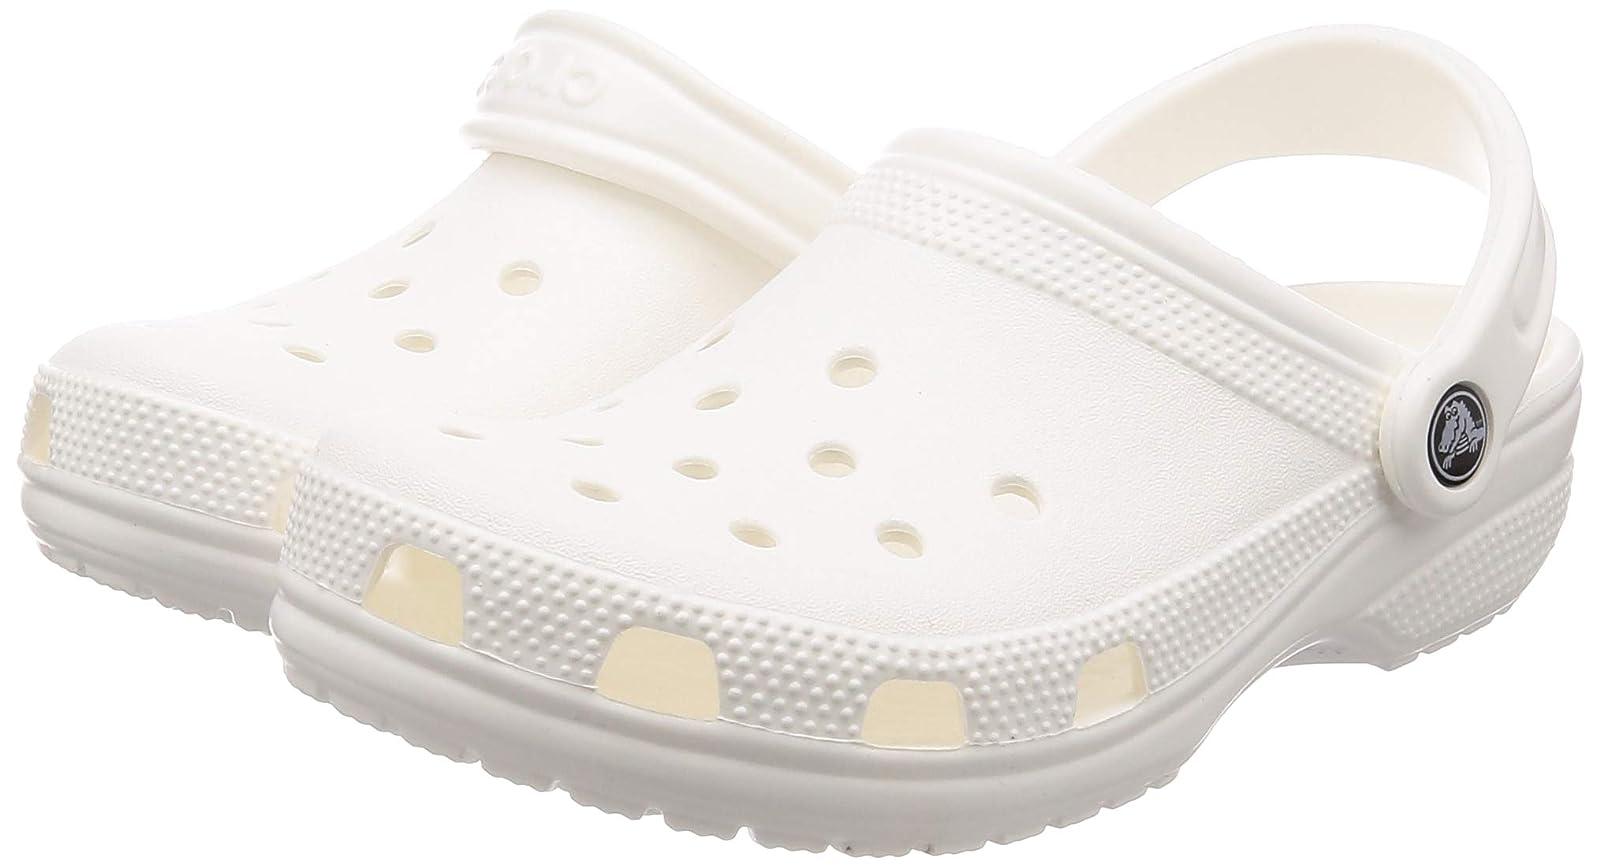 Crocs Men's and Women's Classic - 11